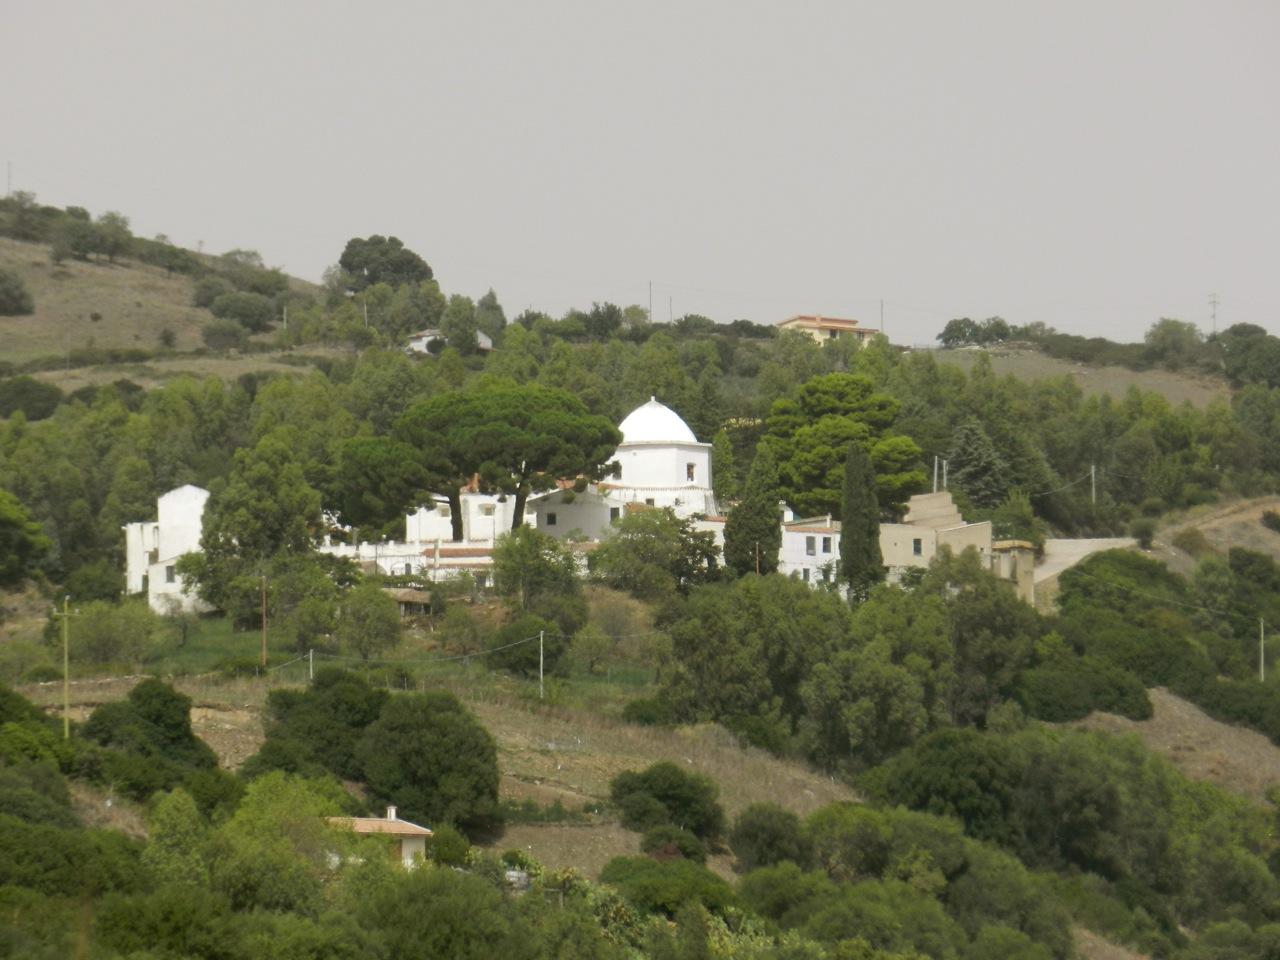 Santuario San Francesco in den Hügeln am Monte Albo